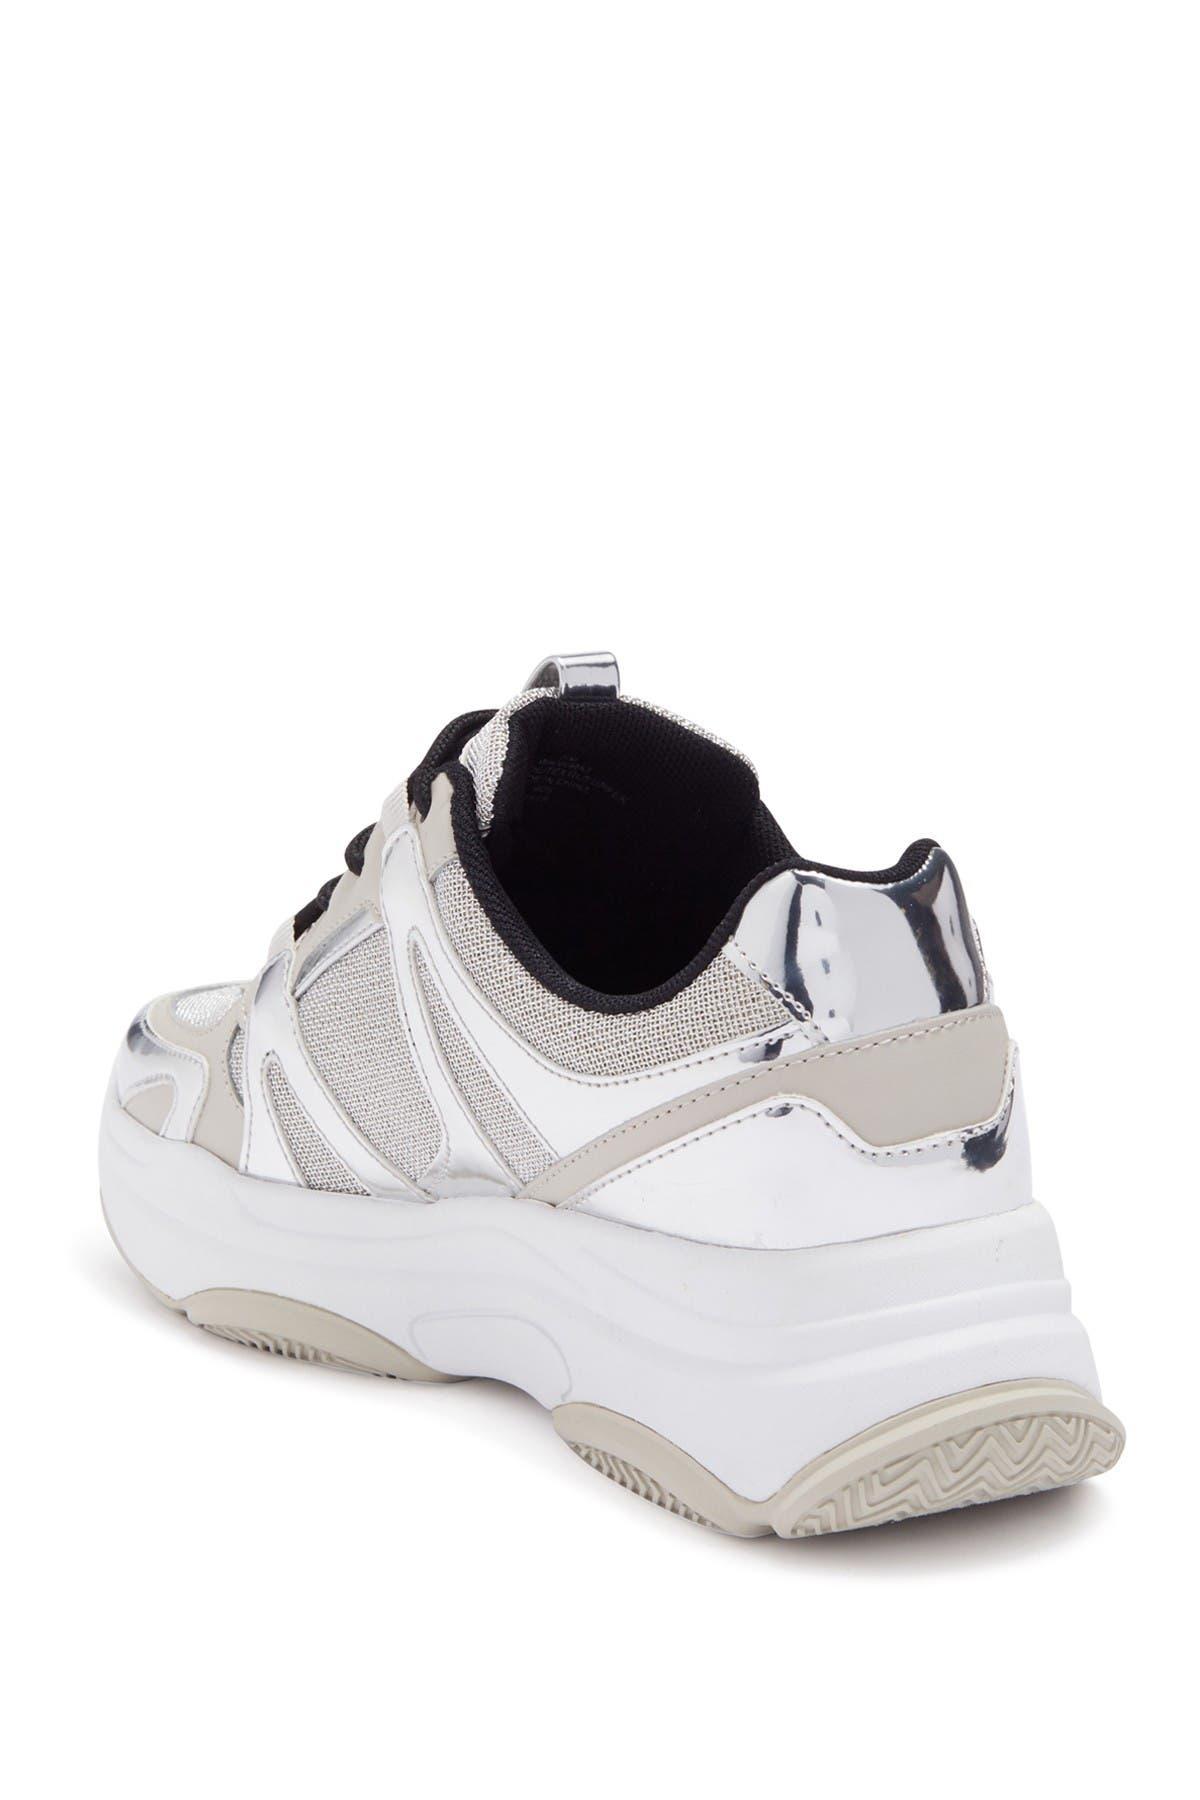 Image of Nine West Nema Sneaker